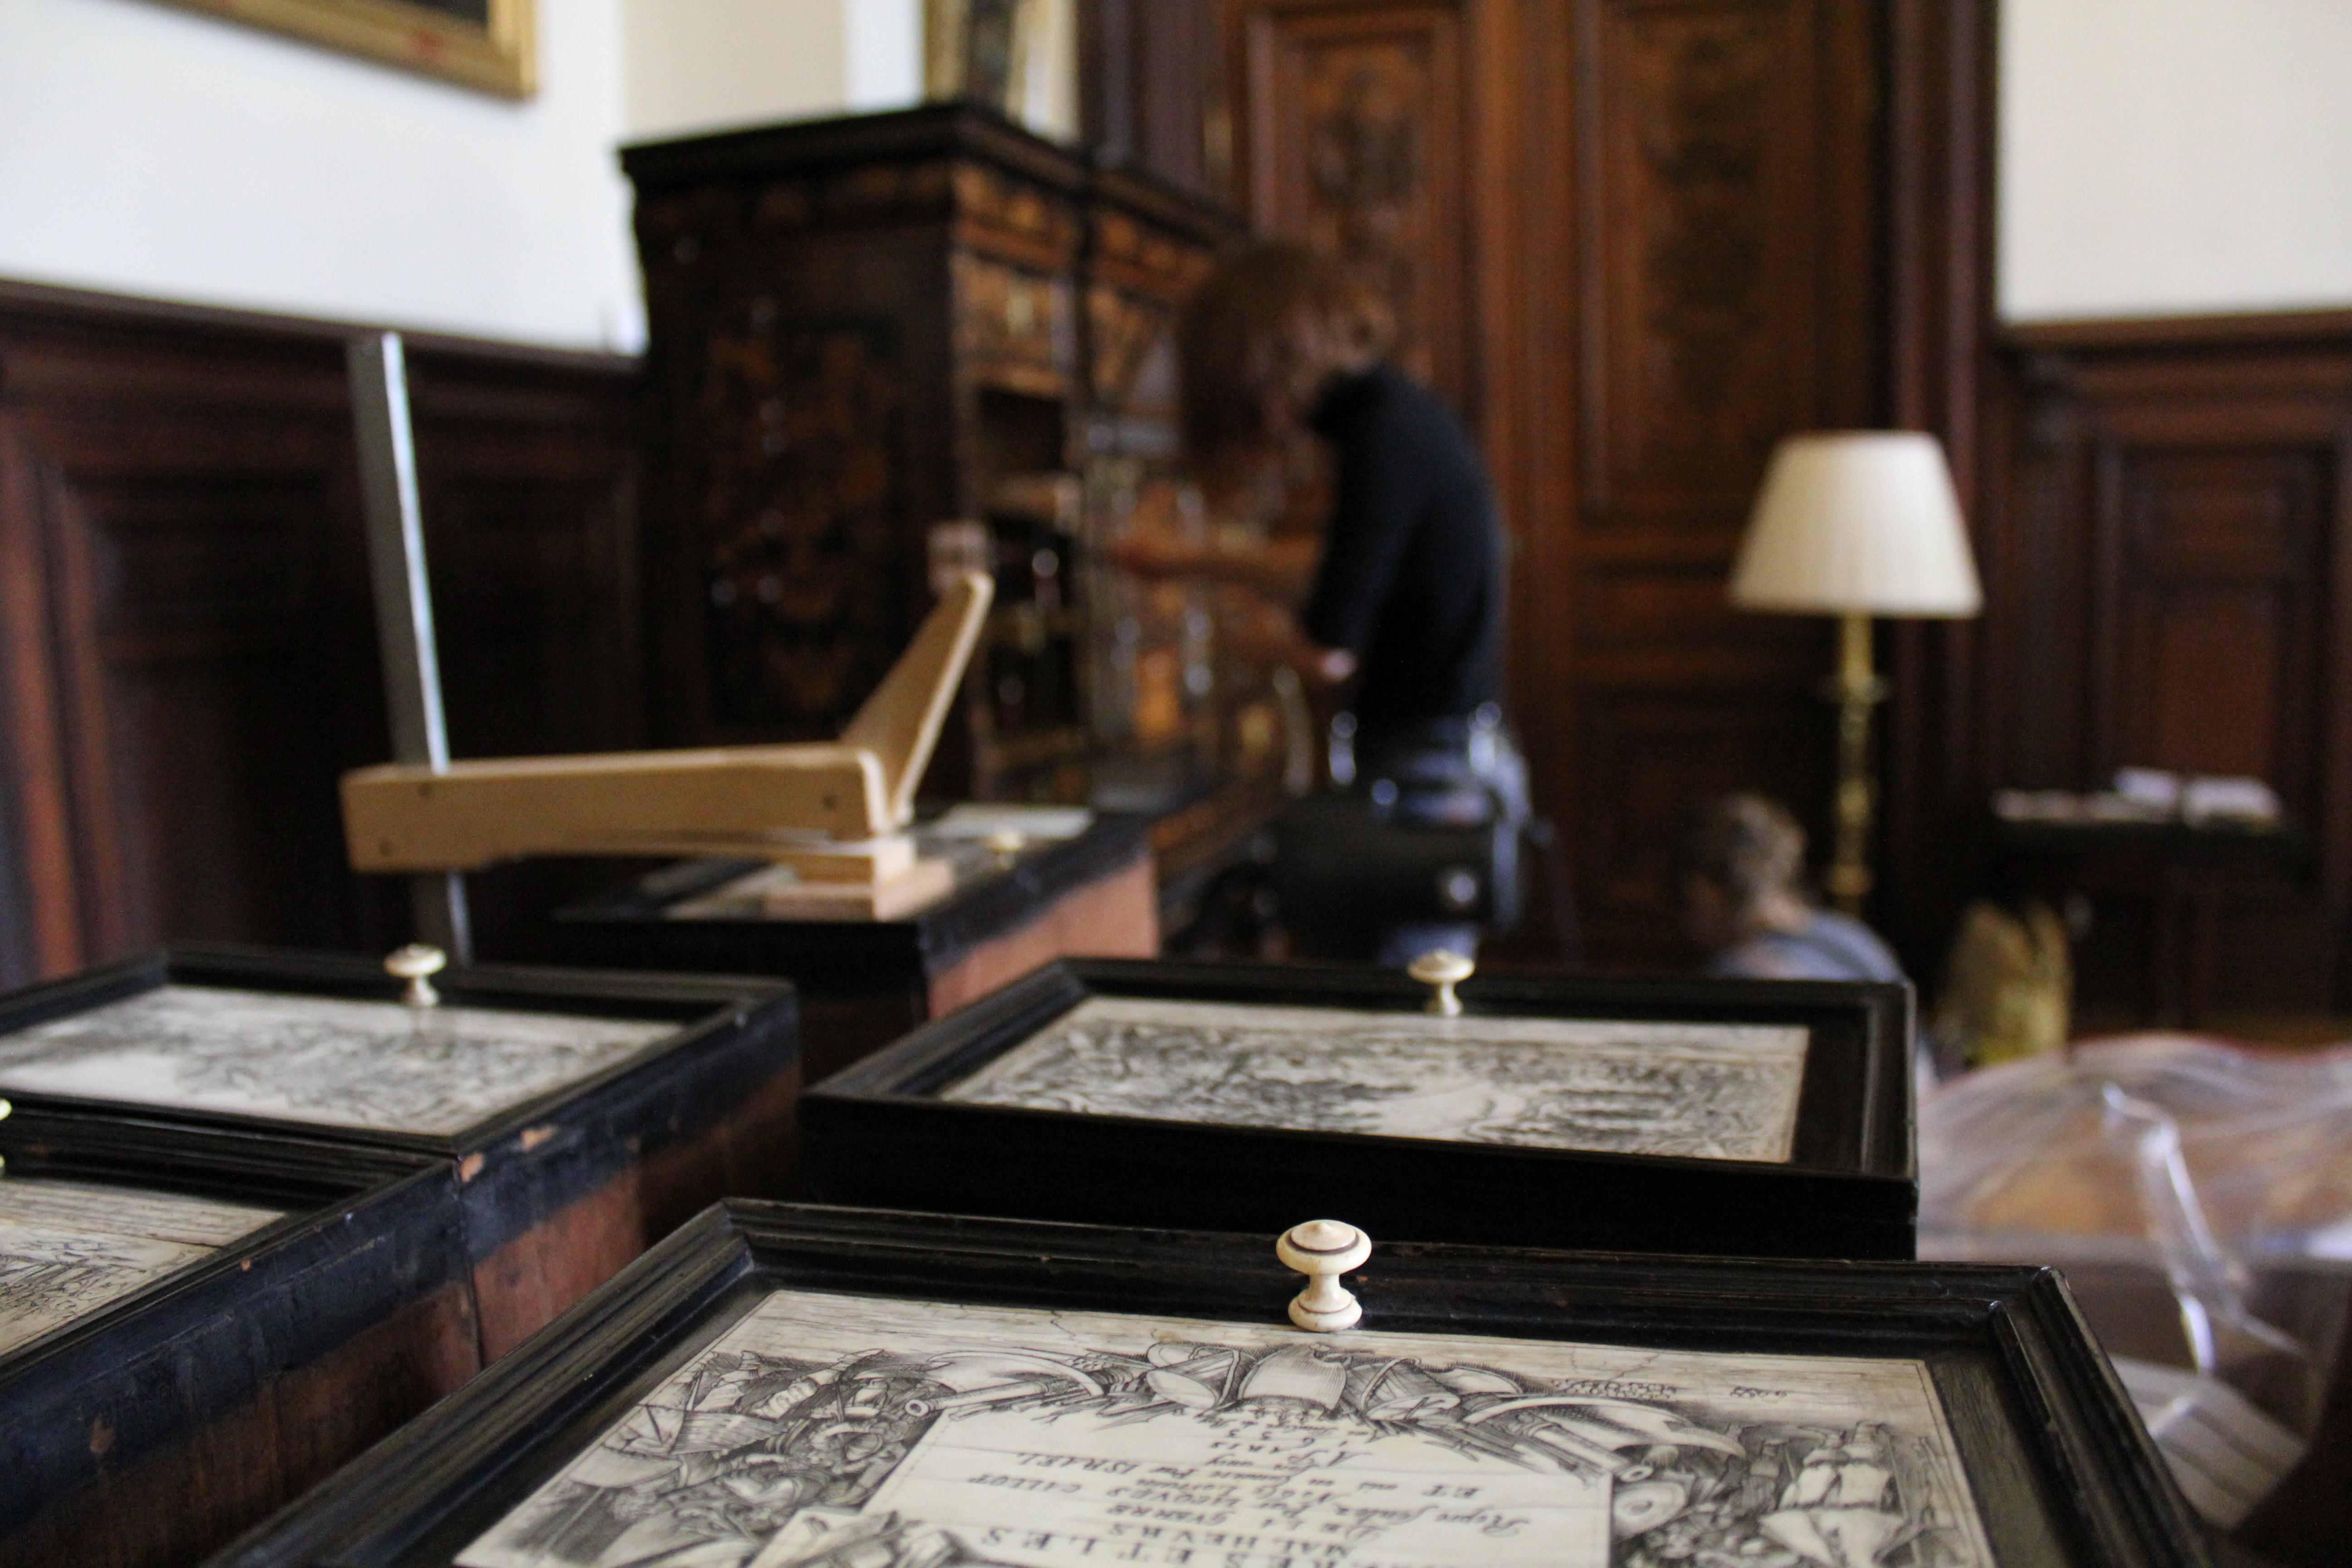 L tude du mobilier du salon richelieu confi e des for Salon restauration paris